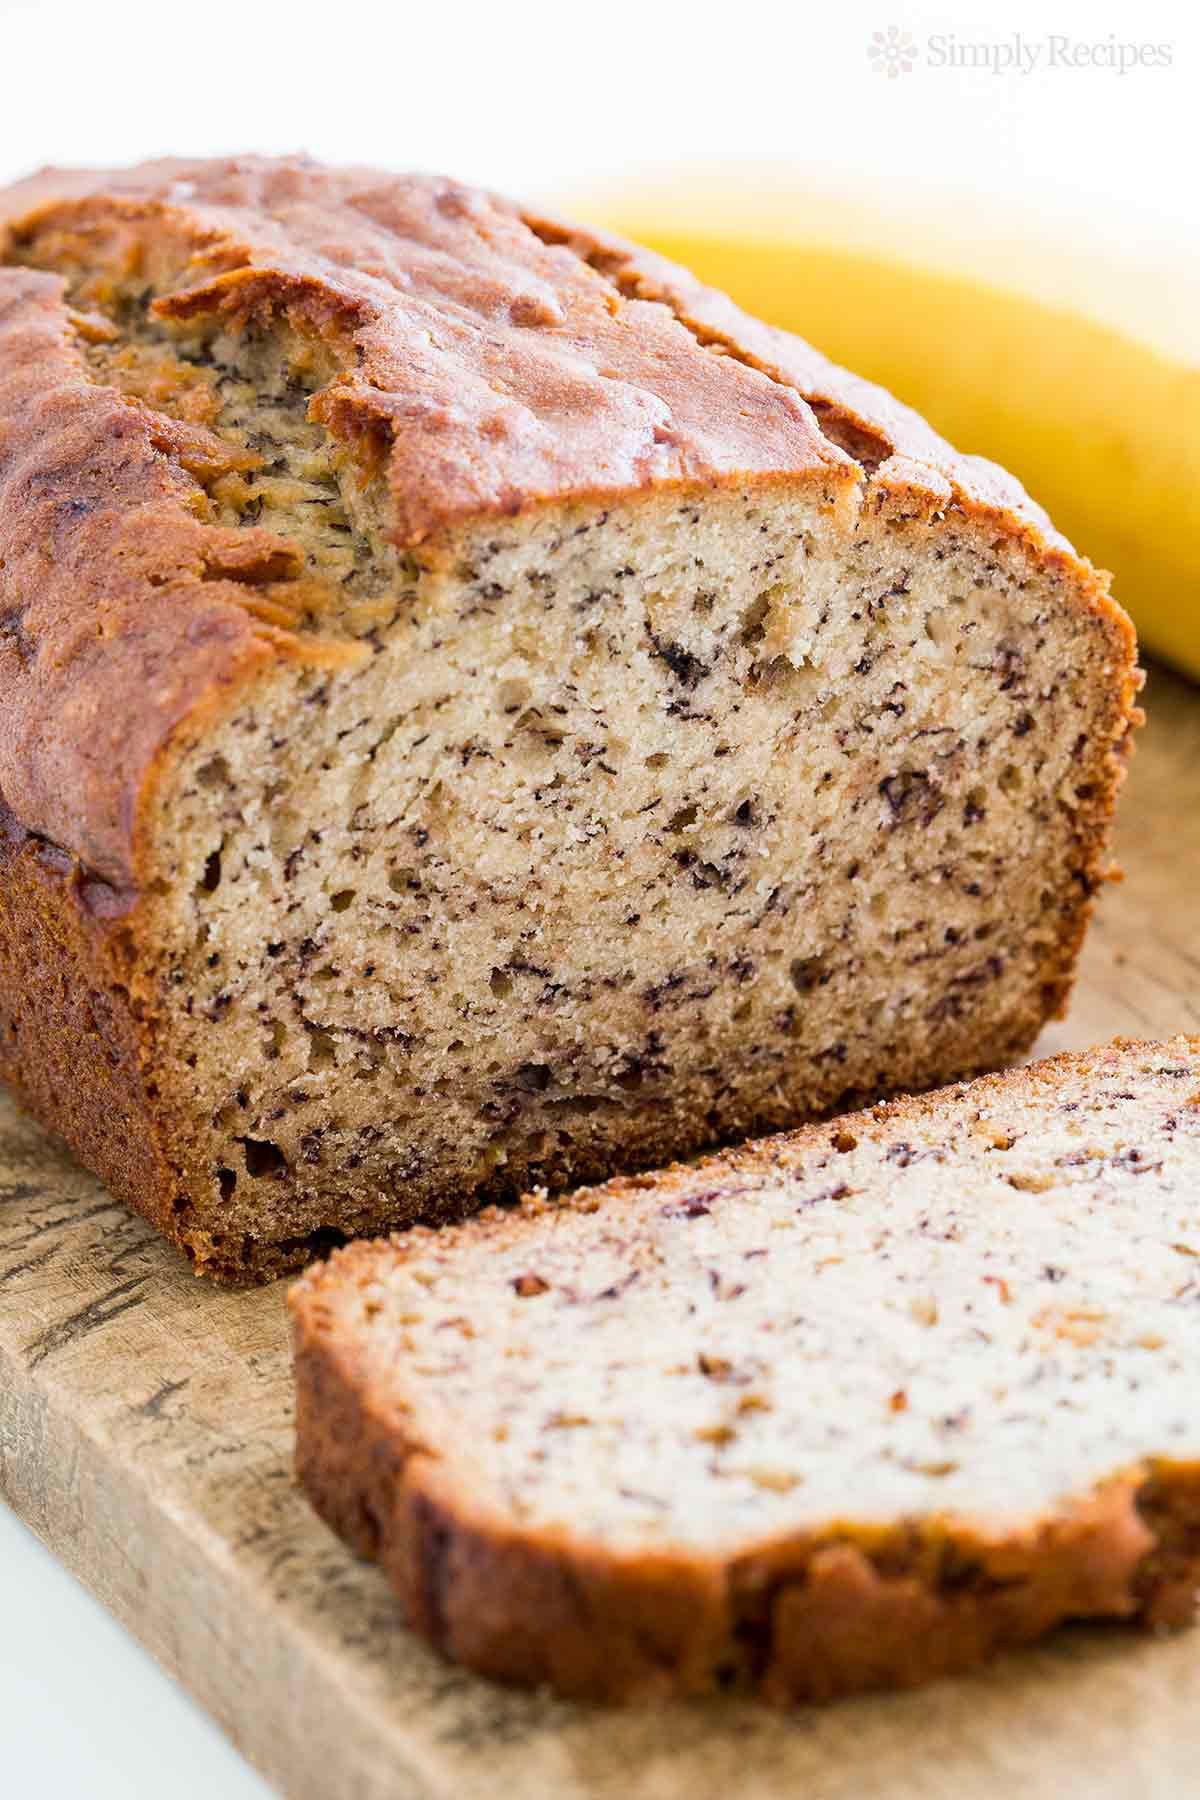 Banana Bread Receipe  Banana Bread Recipe